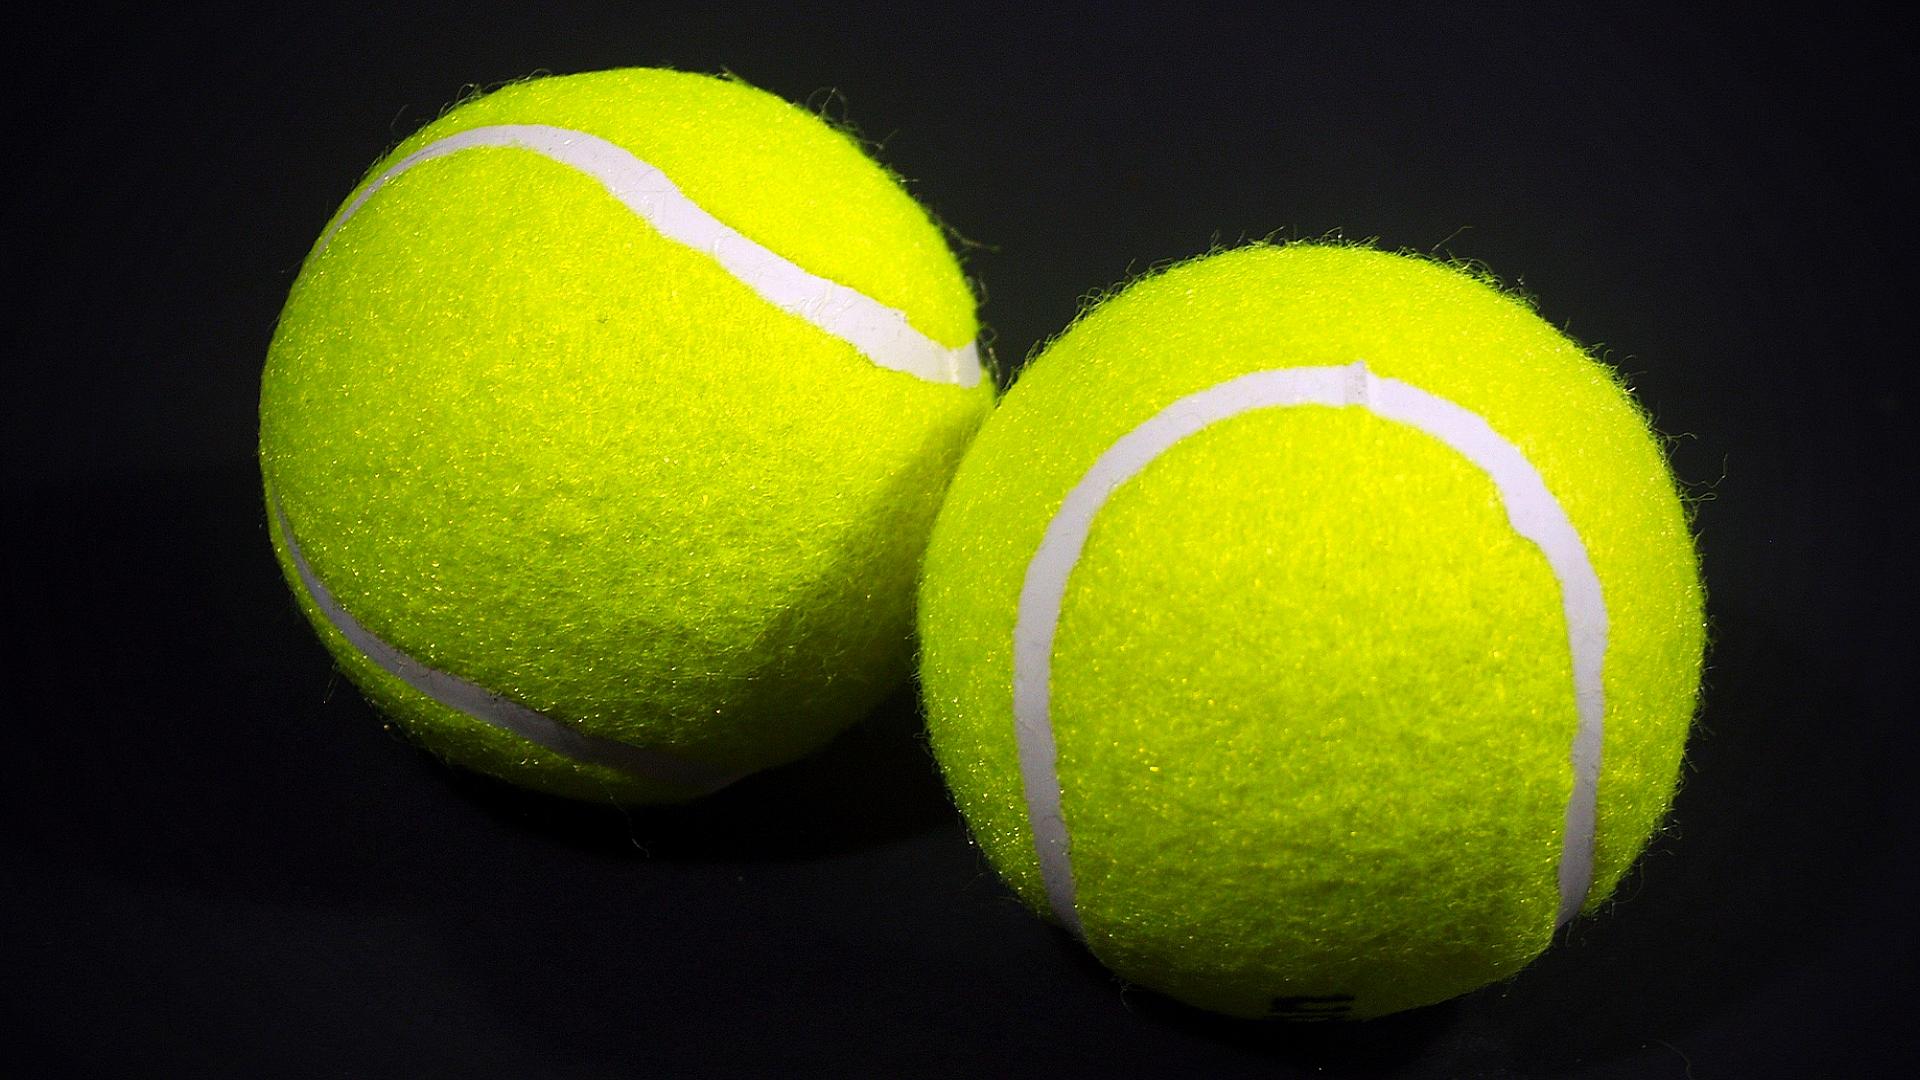 GK1.cz - Tenisové míče